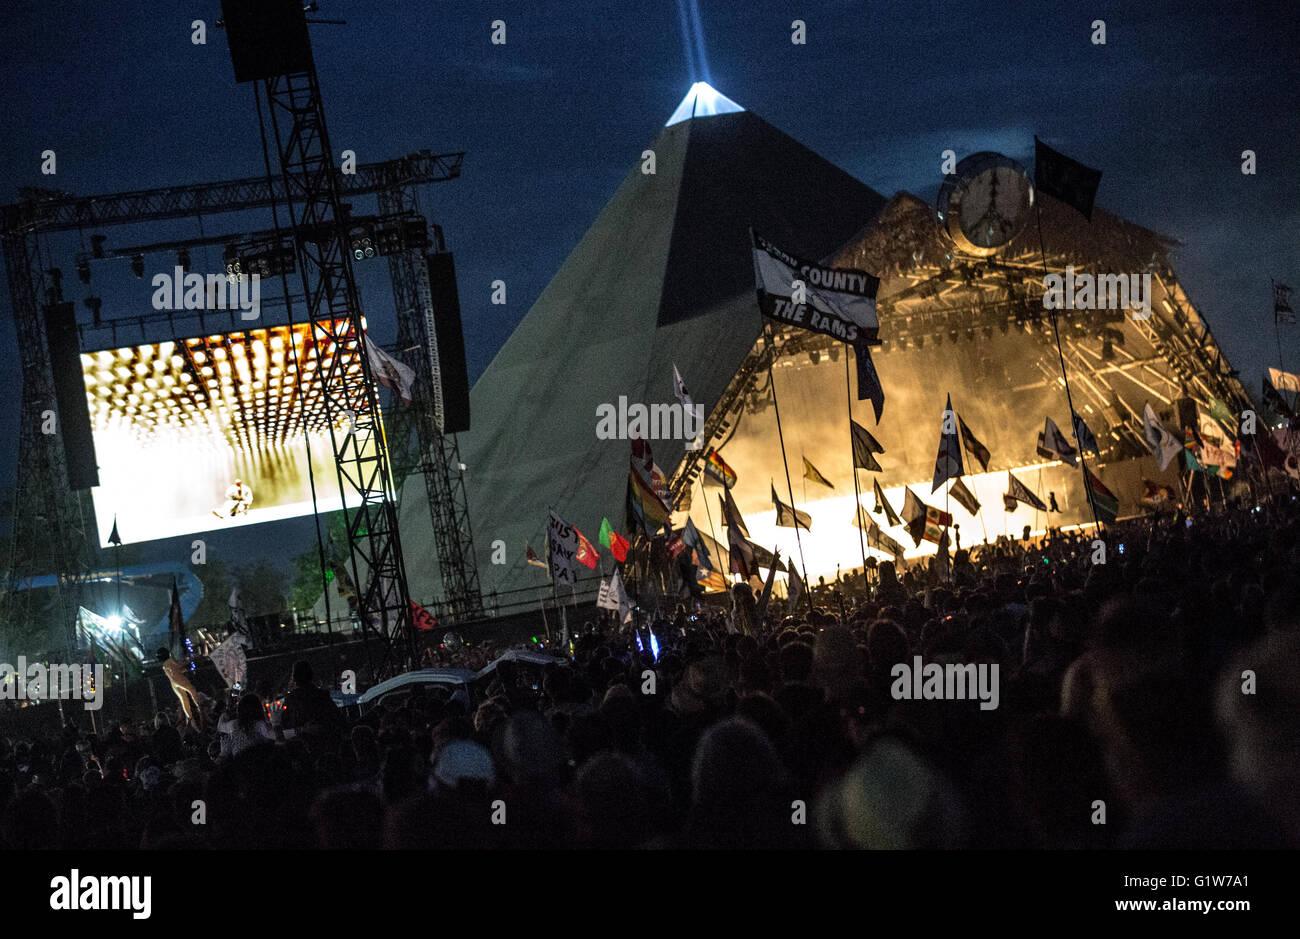 Kanye West Headlining Glastonbury Festival - Stock Image